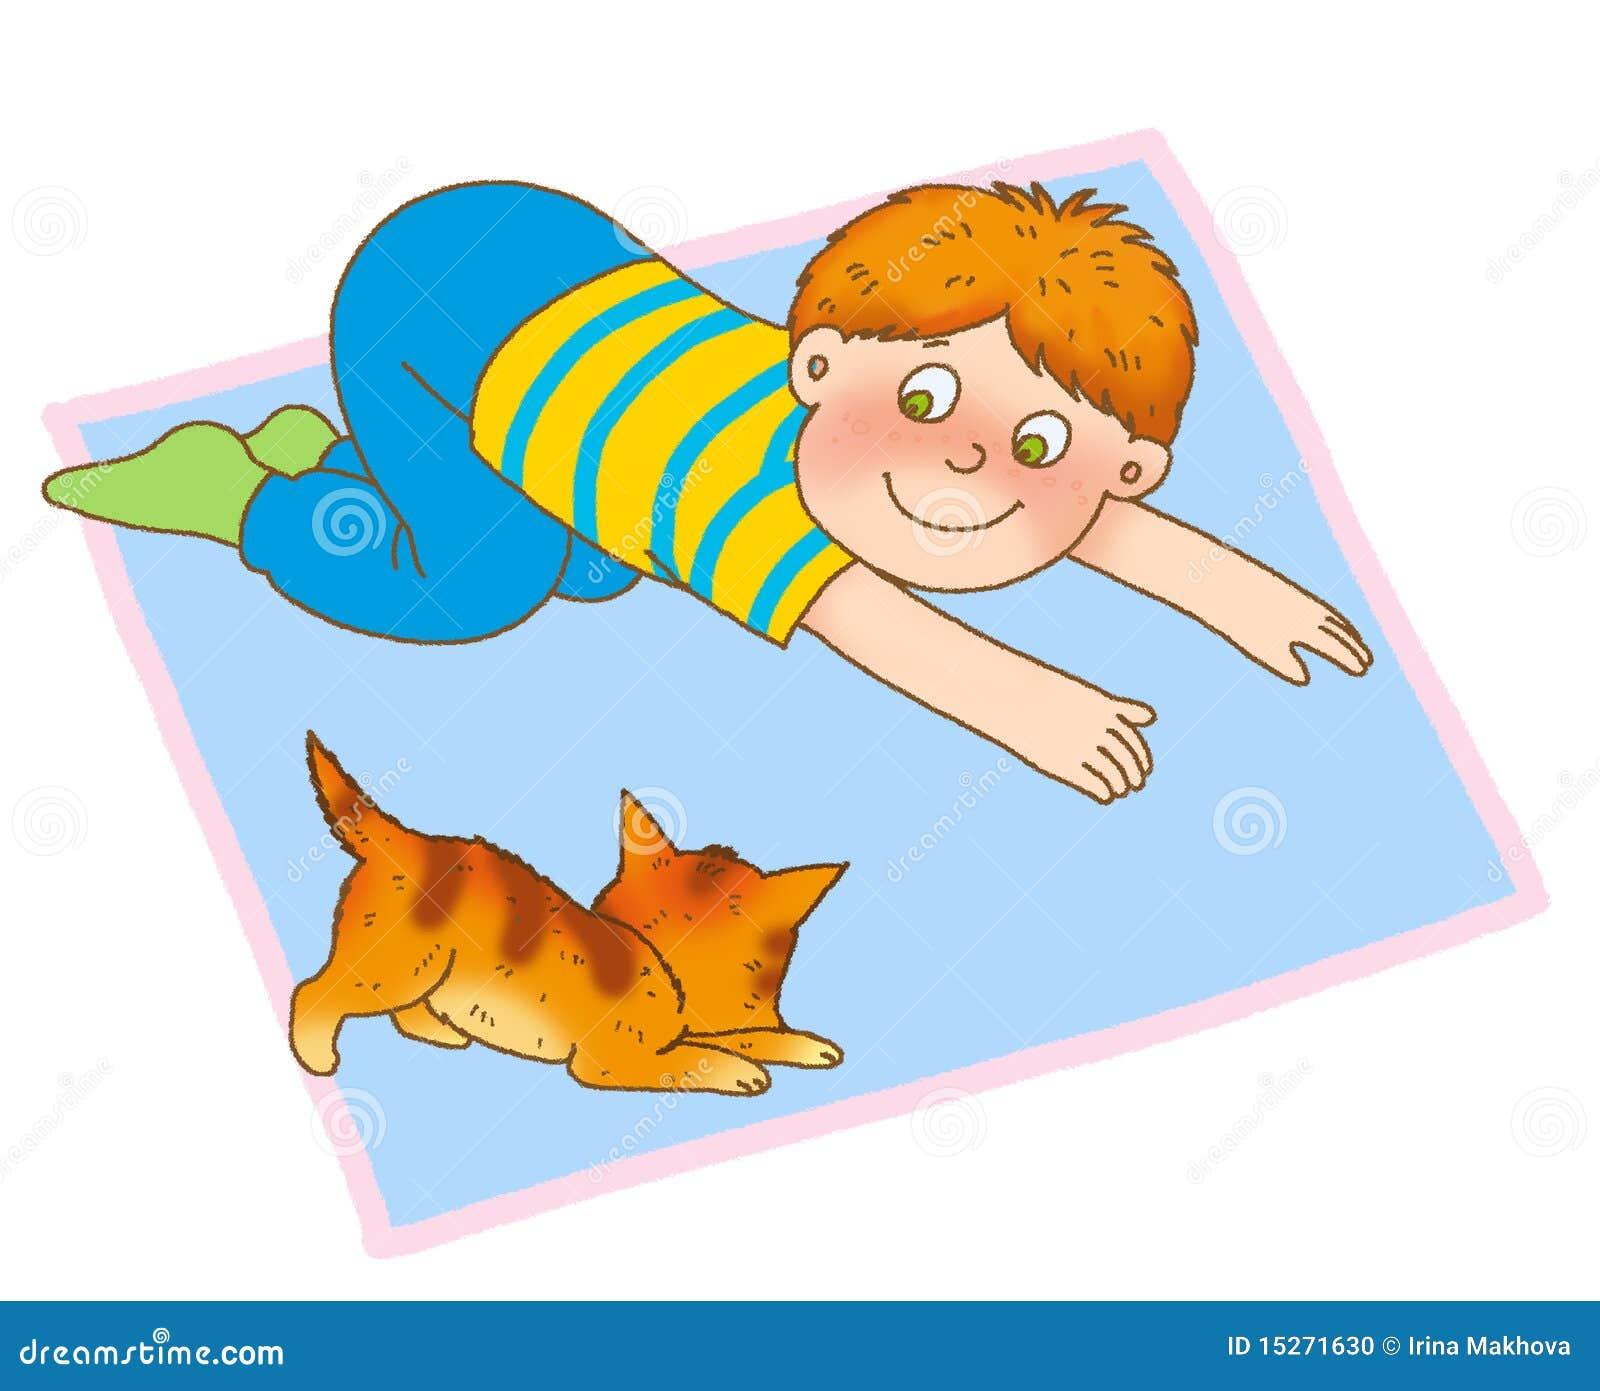 男孩爬行的小猫喜欢少许席子.图片